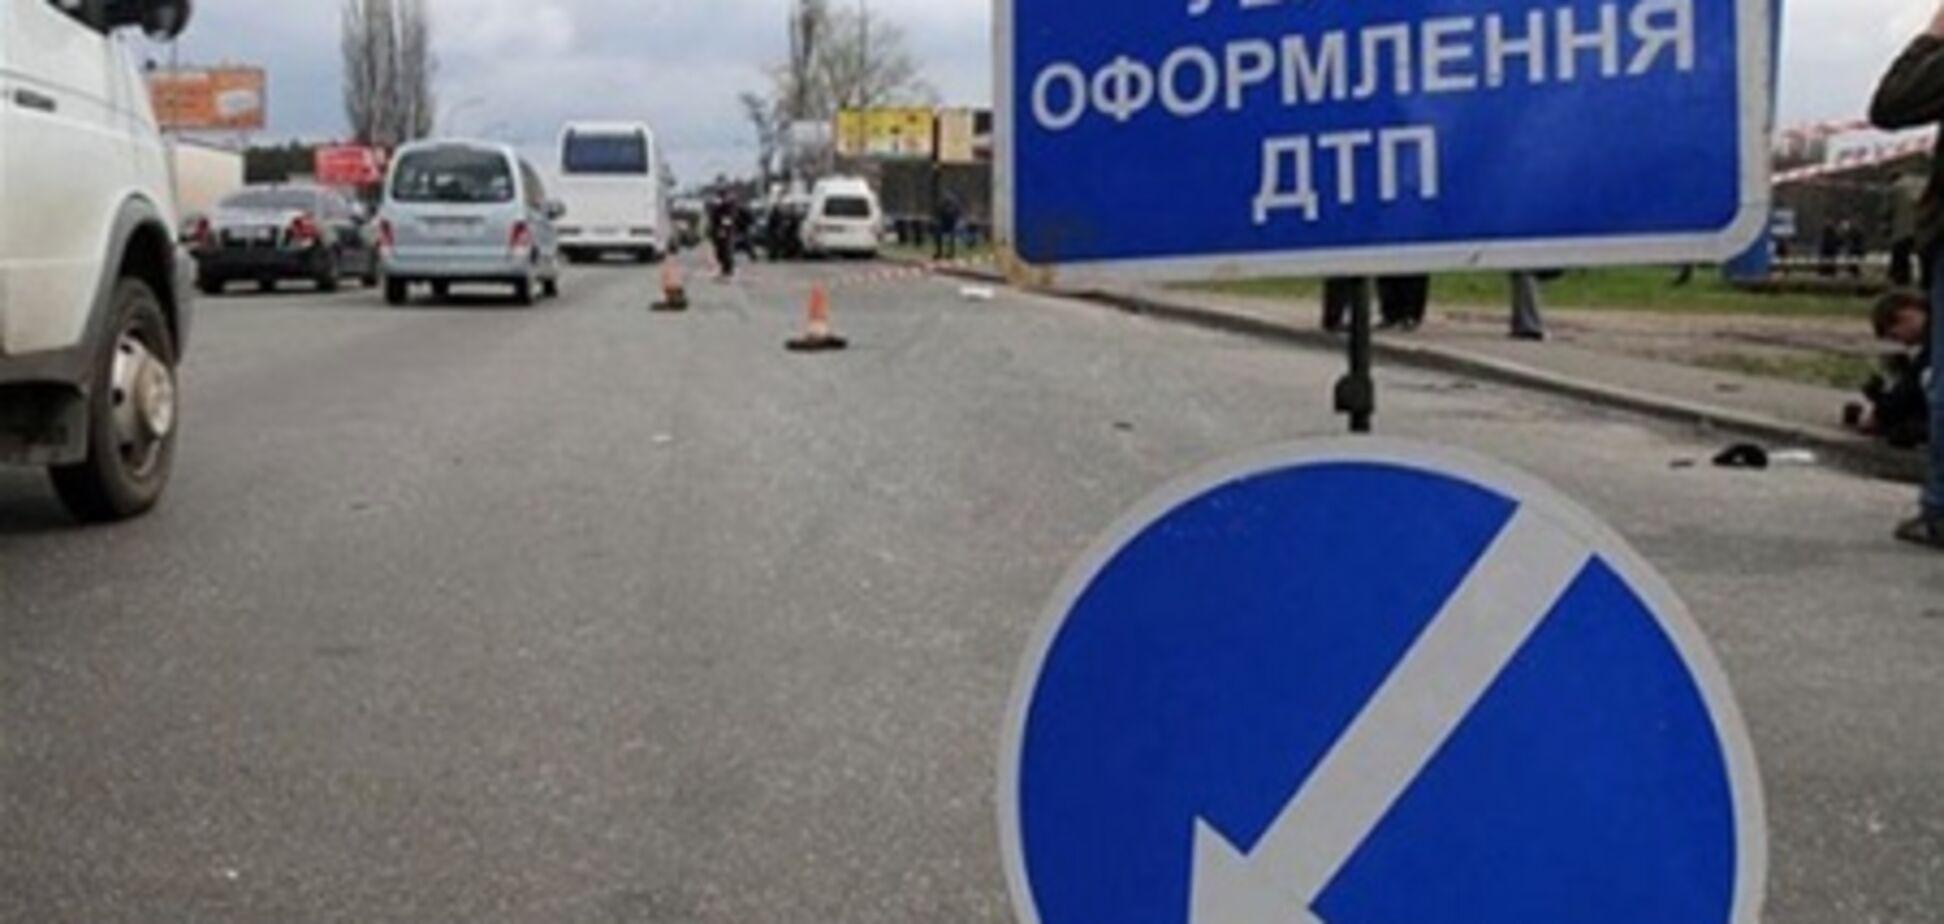 Підтверджено загибель 17-річної дівчини в страшному луганському ДТП